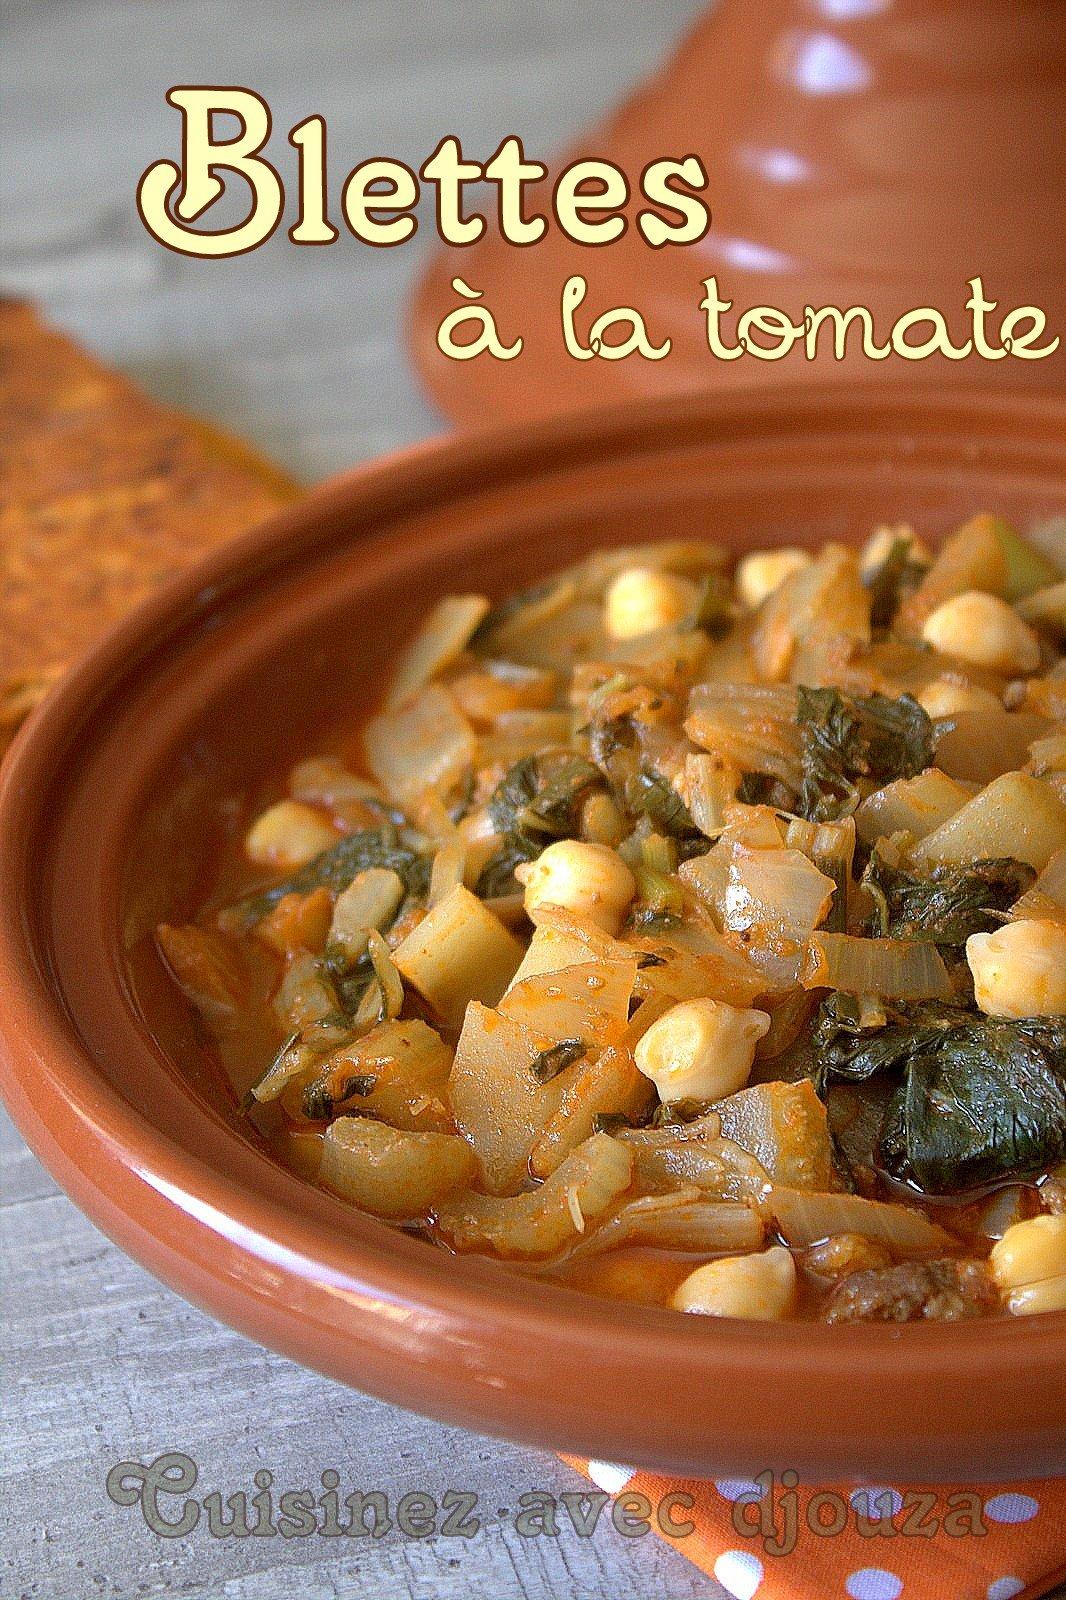 Recette de blettes l 39 alg rienne recettes faciles - Recette de cuisine algerienne traditionnelle ...